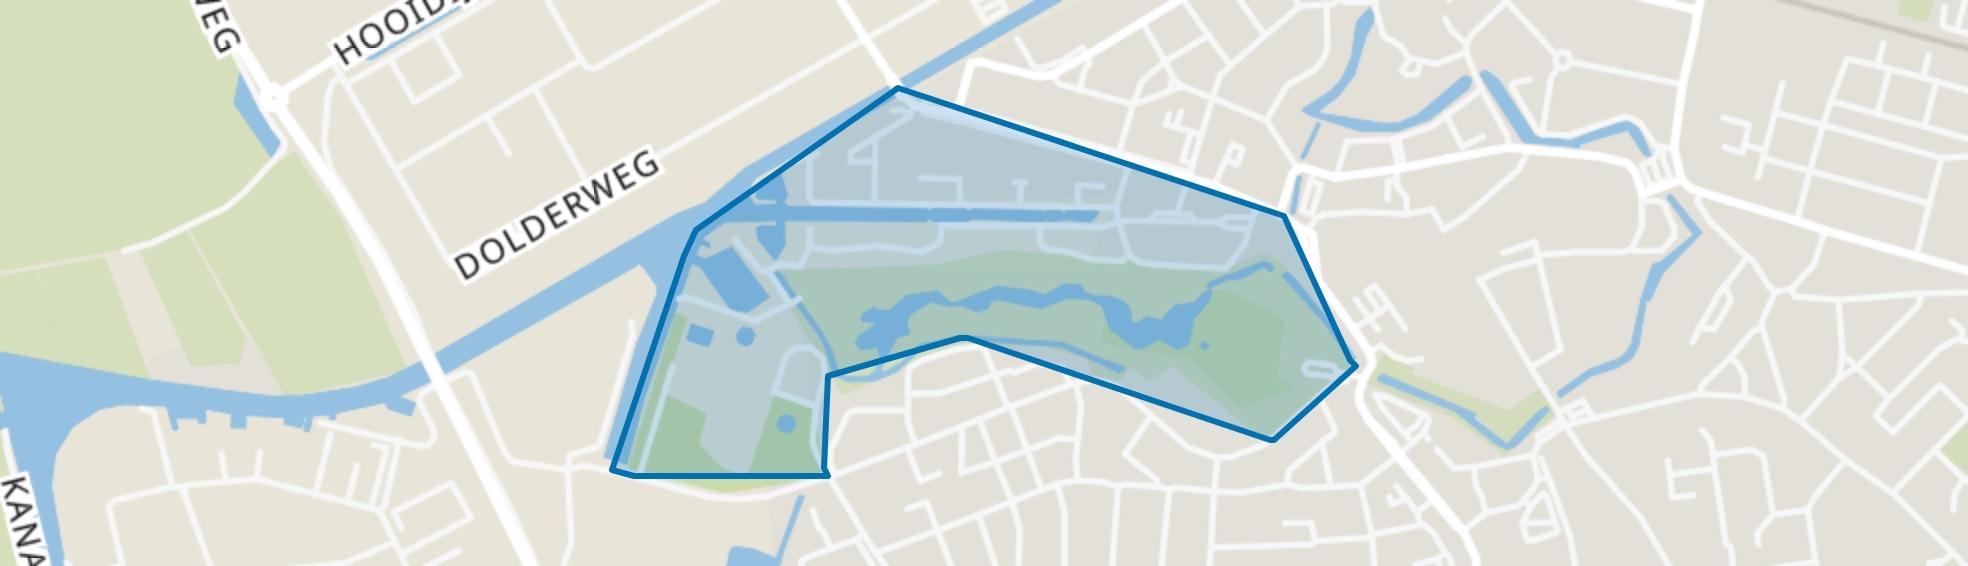 Steenwijkerdiep, Steenwijk map